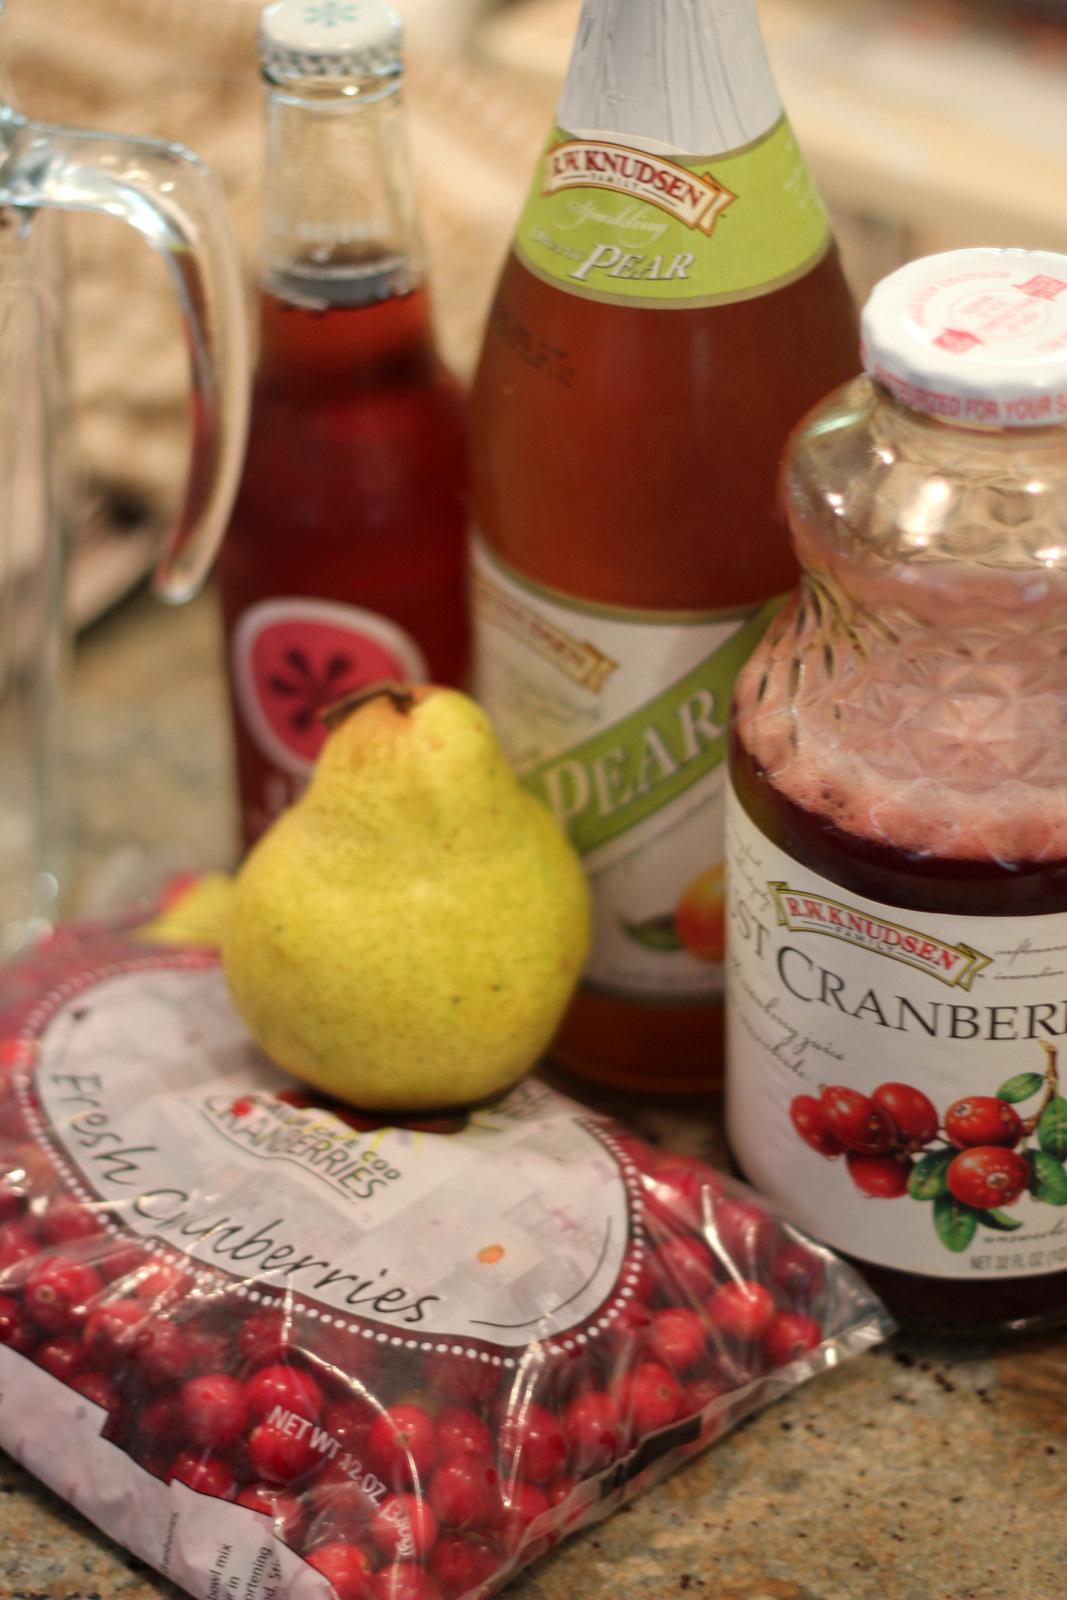 bottle Sparkling Pear Juice (Pear flavored sparkling cider)